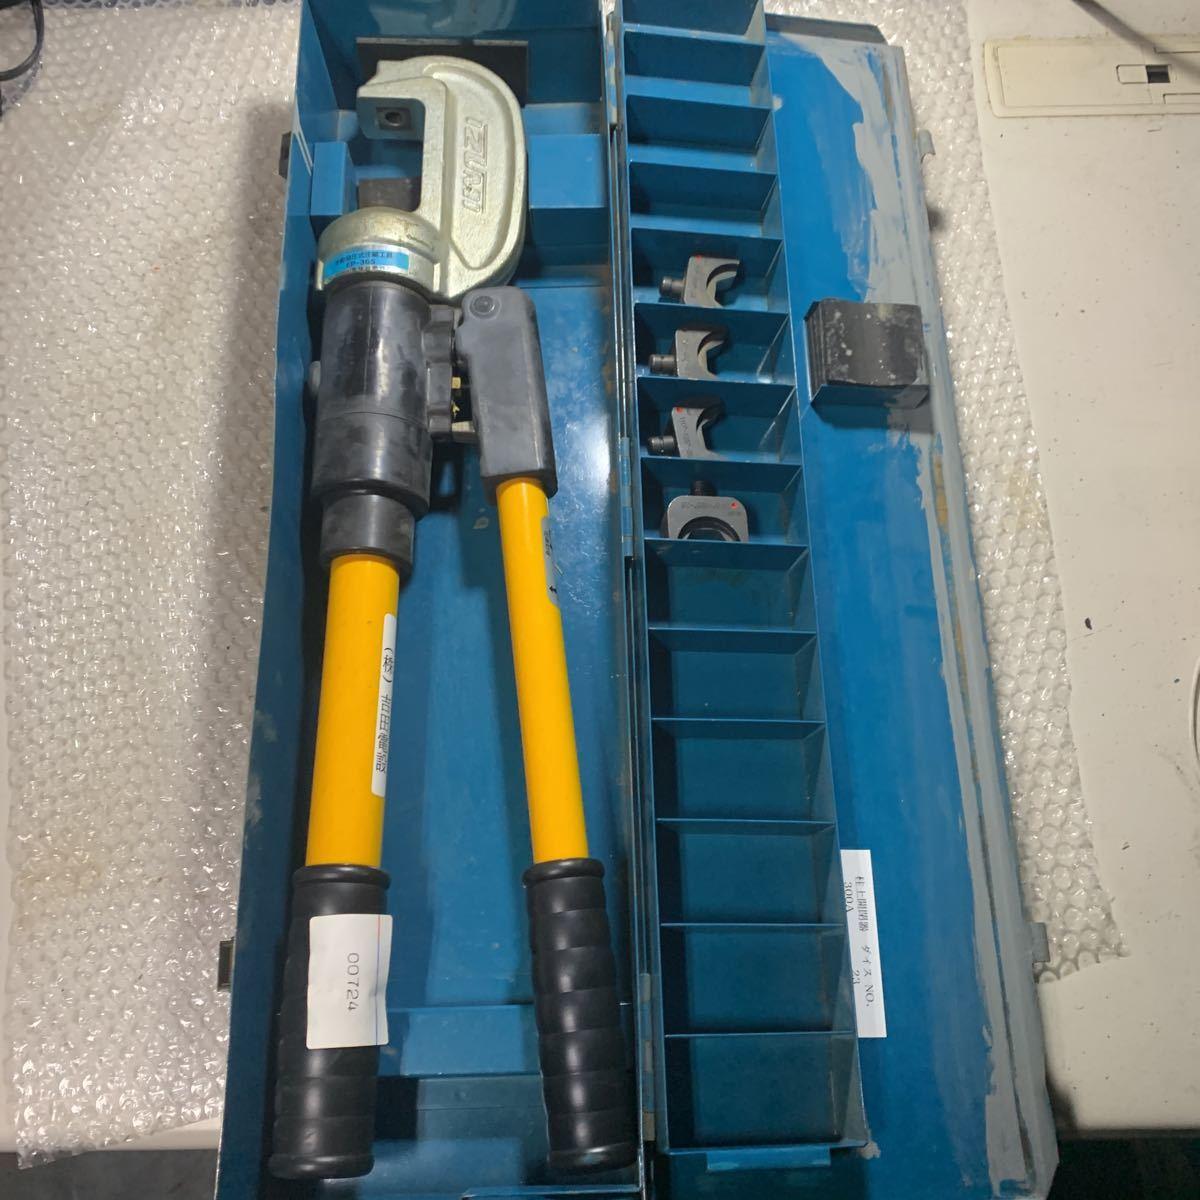 即決 中古品 IZUMI 泉精器 手動油圧式圧着工具 EP-365 動作確認済み T型ダイス4個付属_画像1